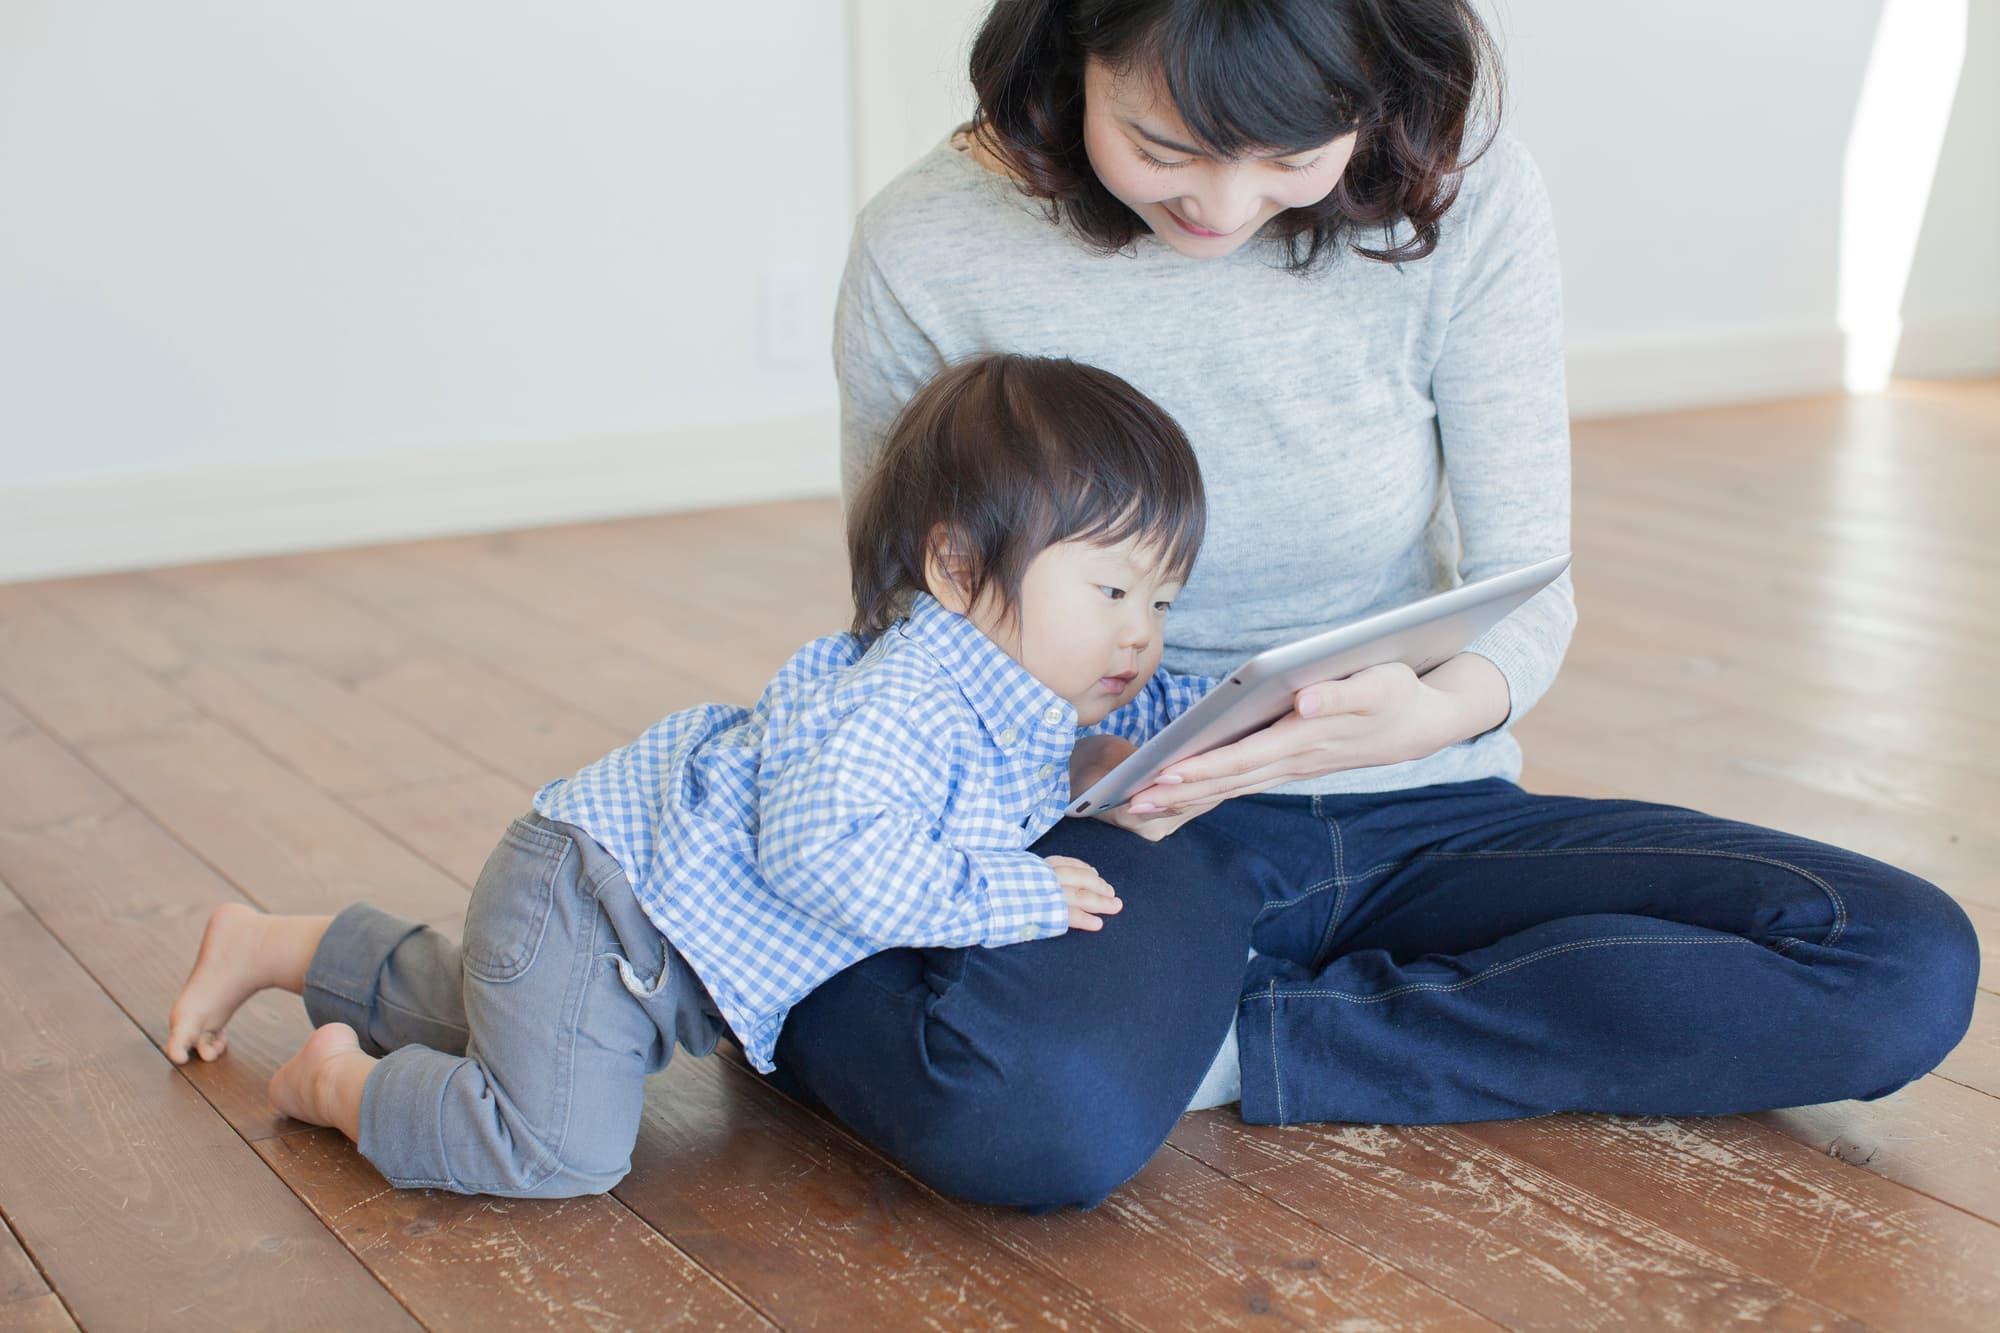 貯蓄がゼロの家庭は15%!?  家庭環境でも貯蓄額に違いが